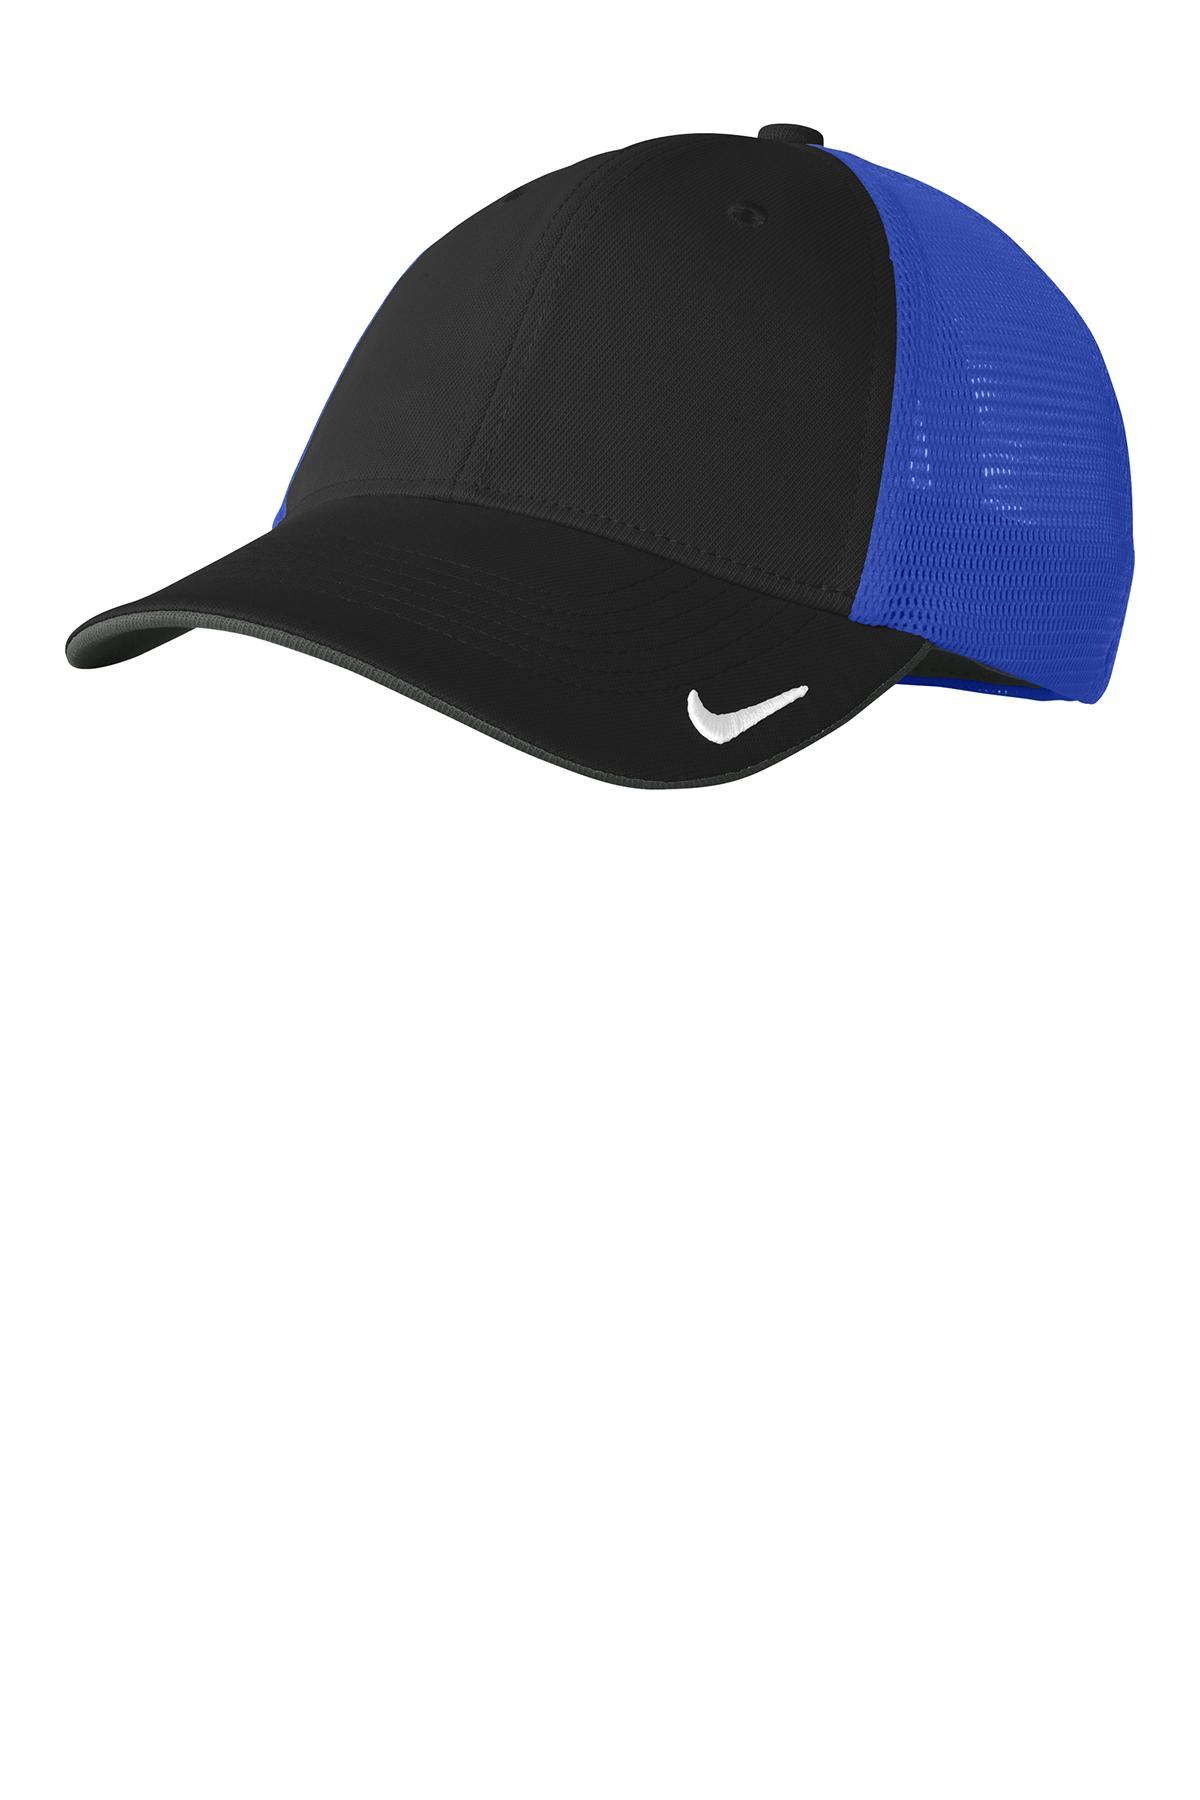 Nike Dri-FIT Mesh Back Cap  8f02e84b455